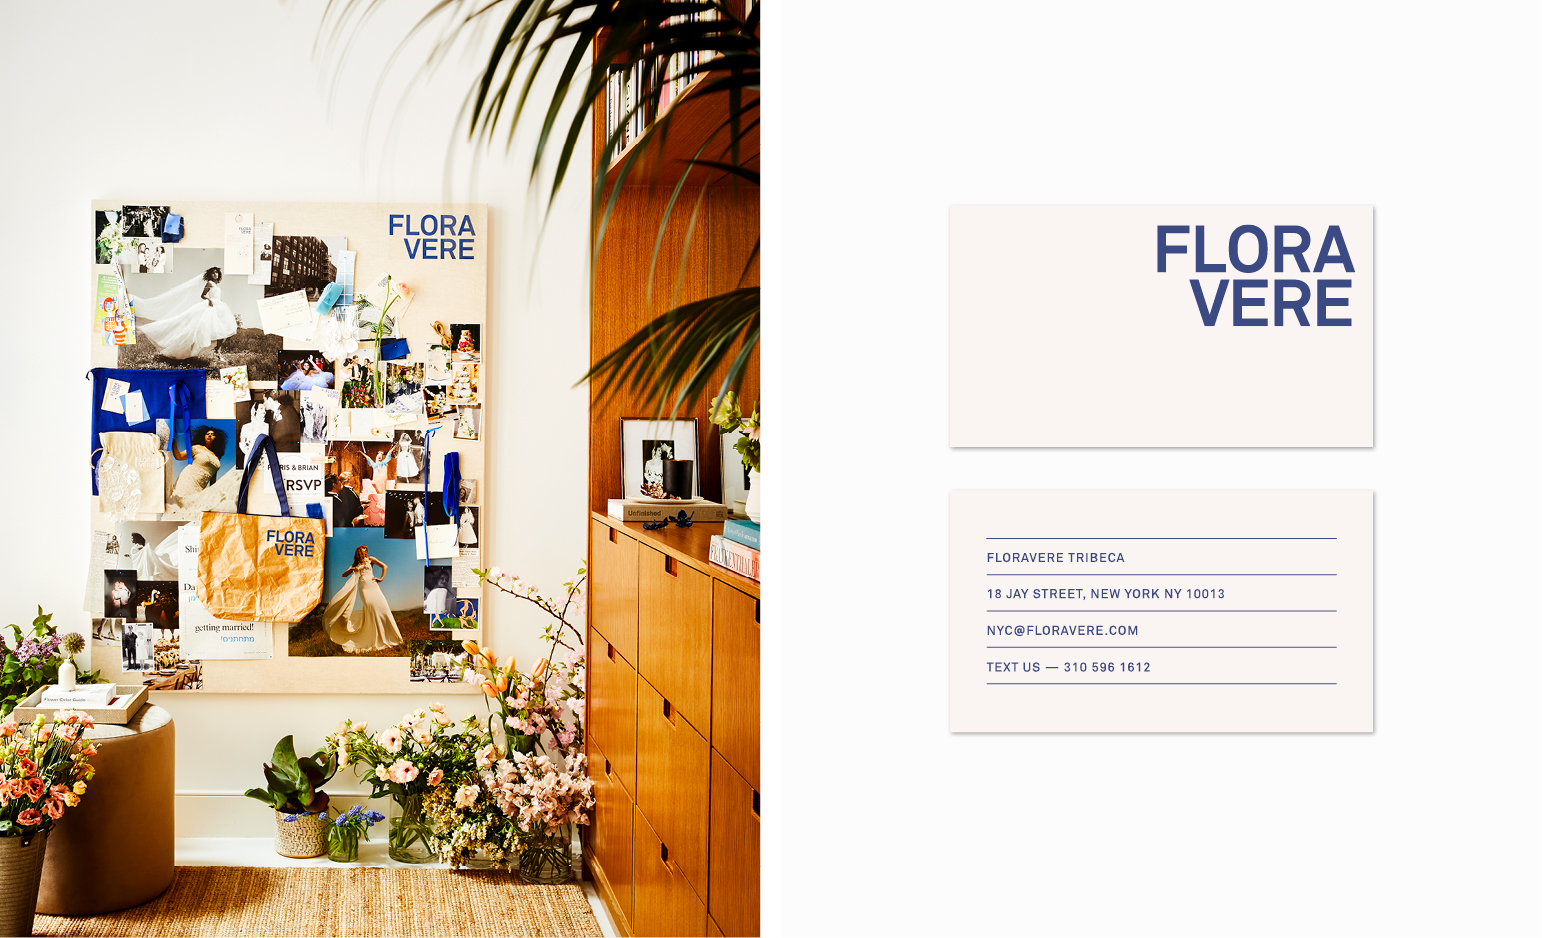 WebImages_Floravere_signage.jpg